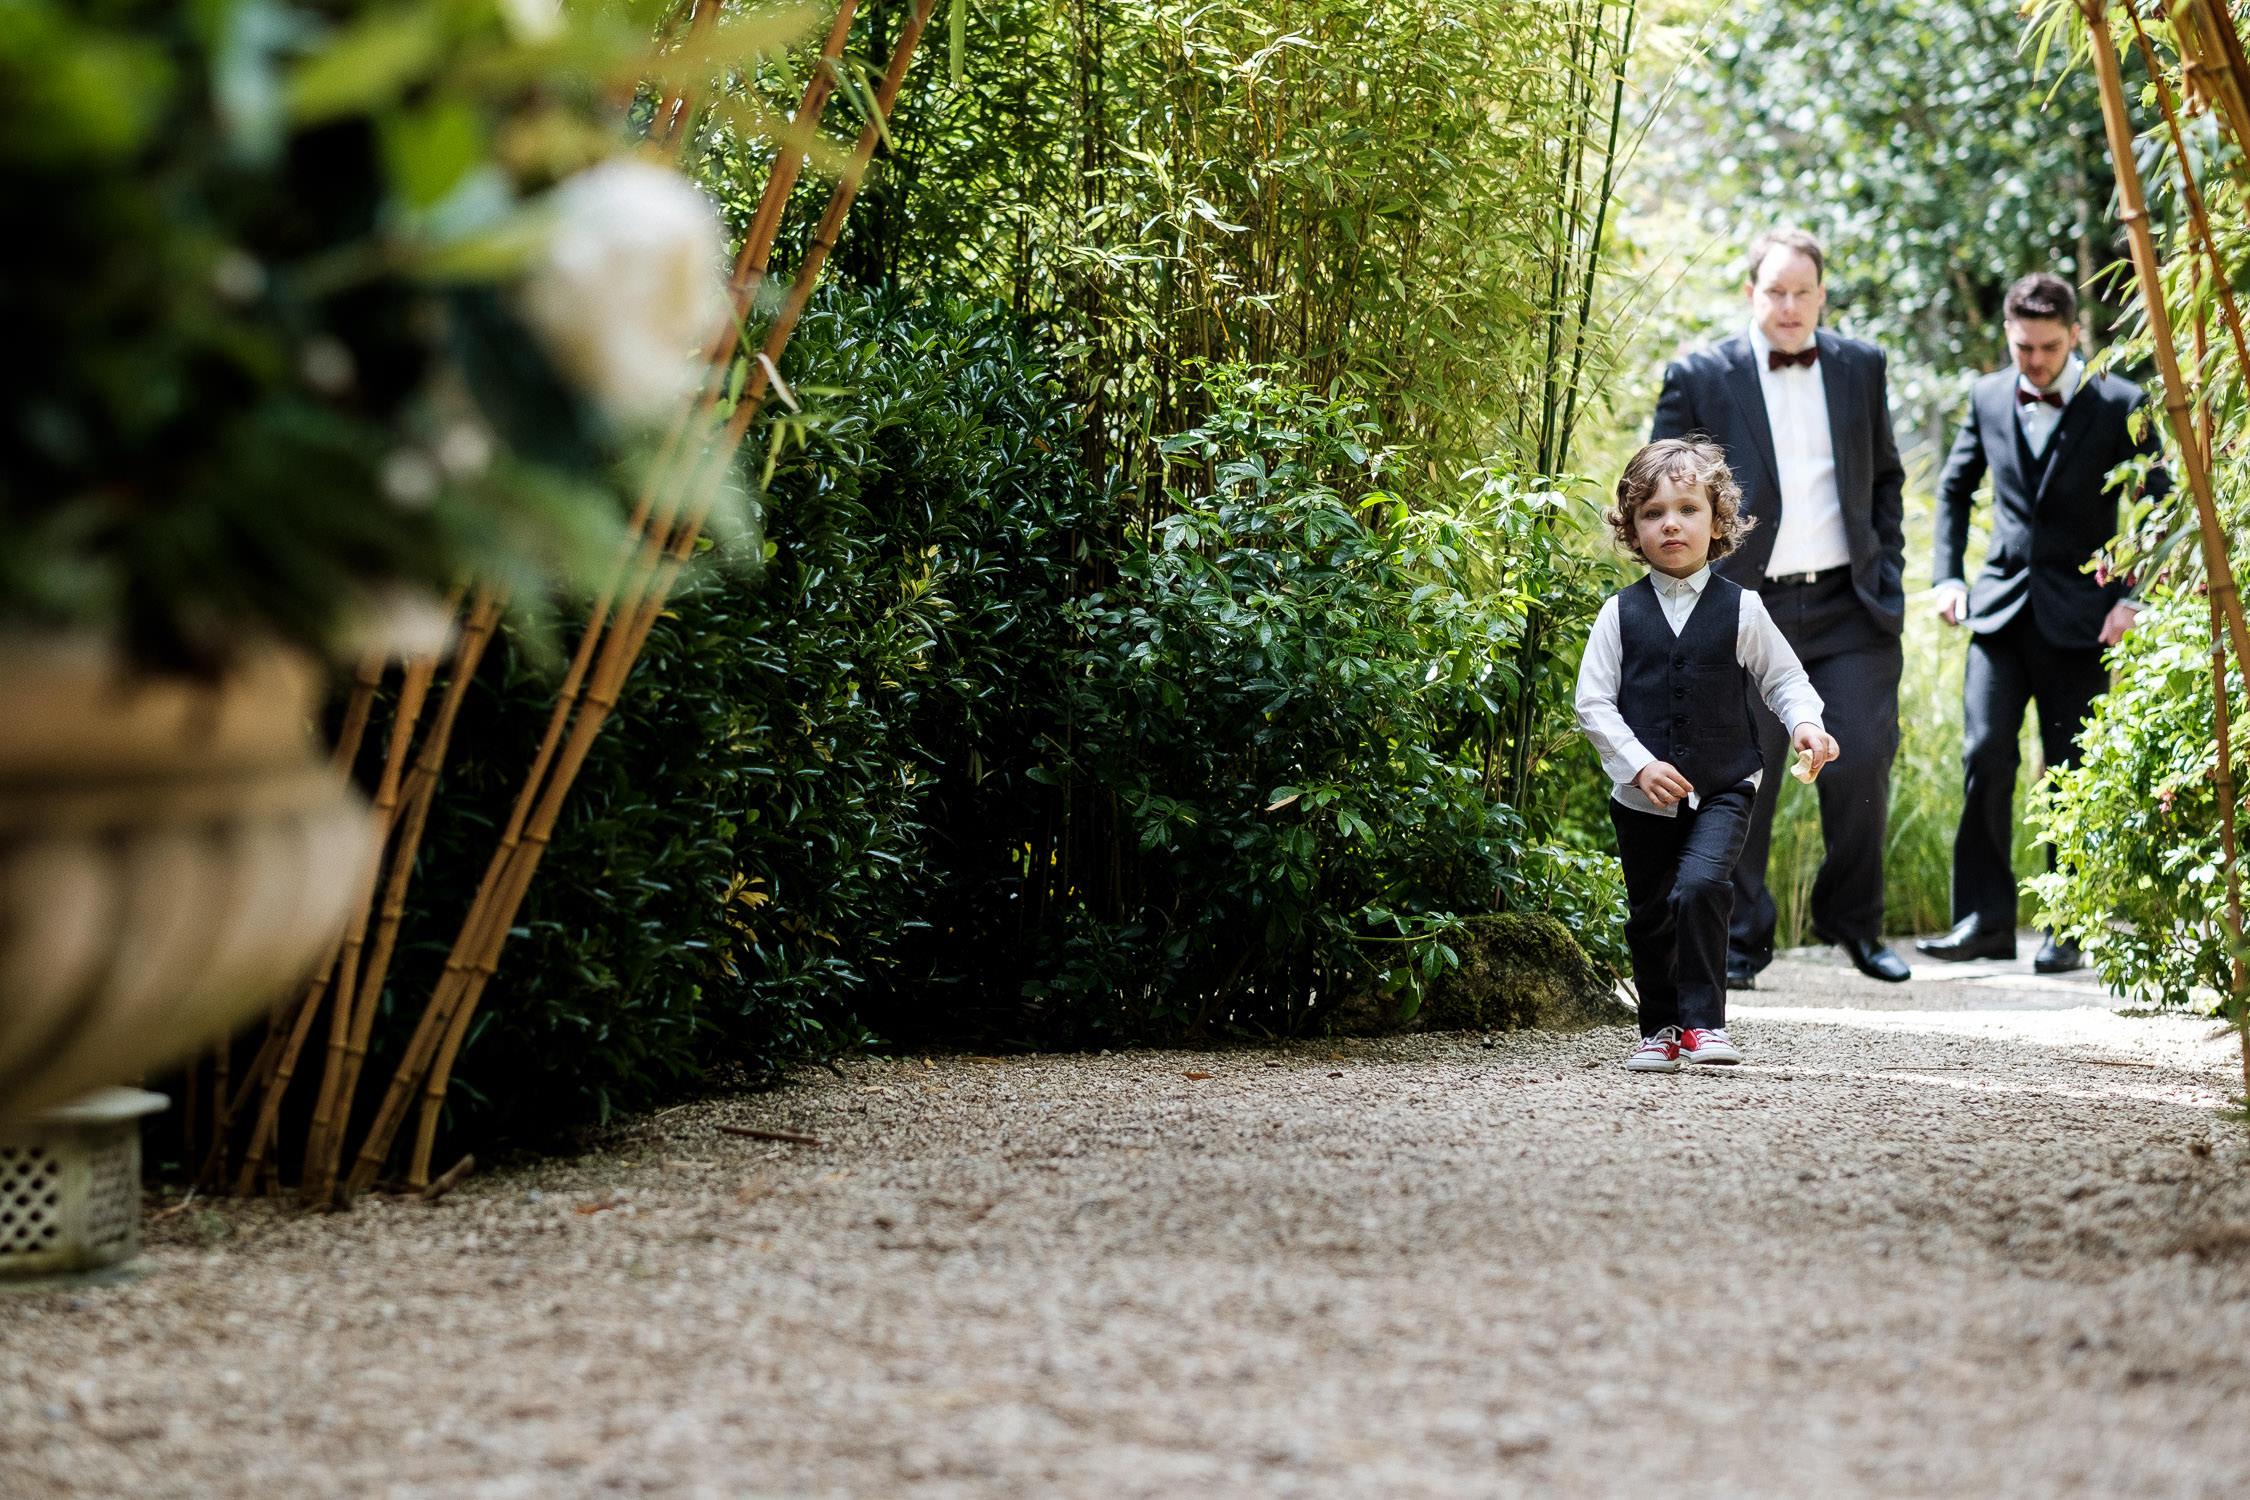 wedding page boy walking through bamboo